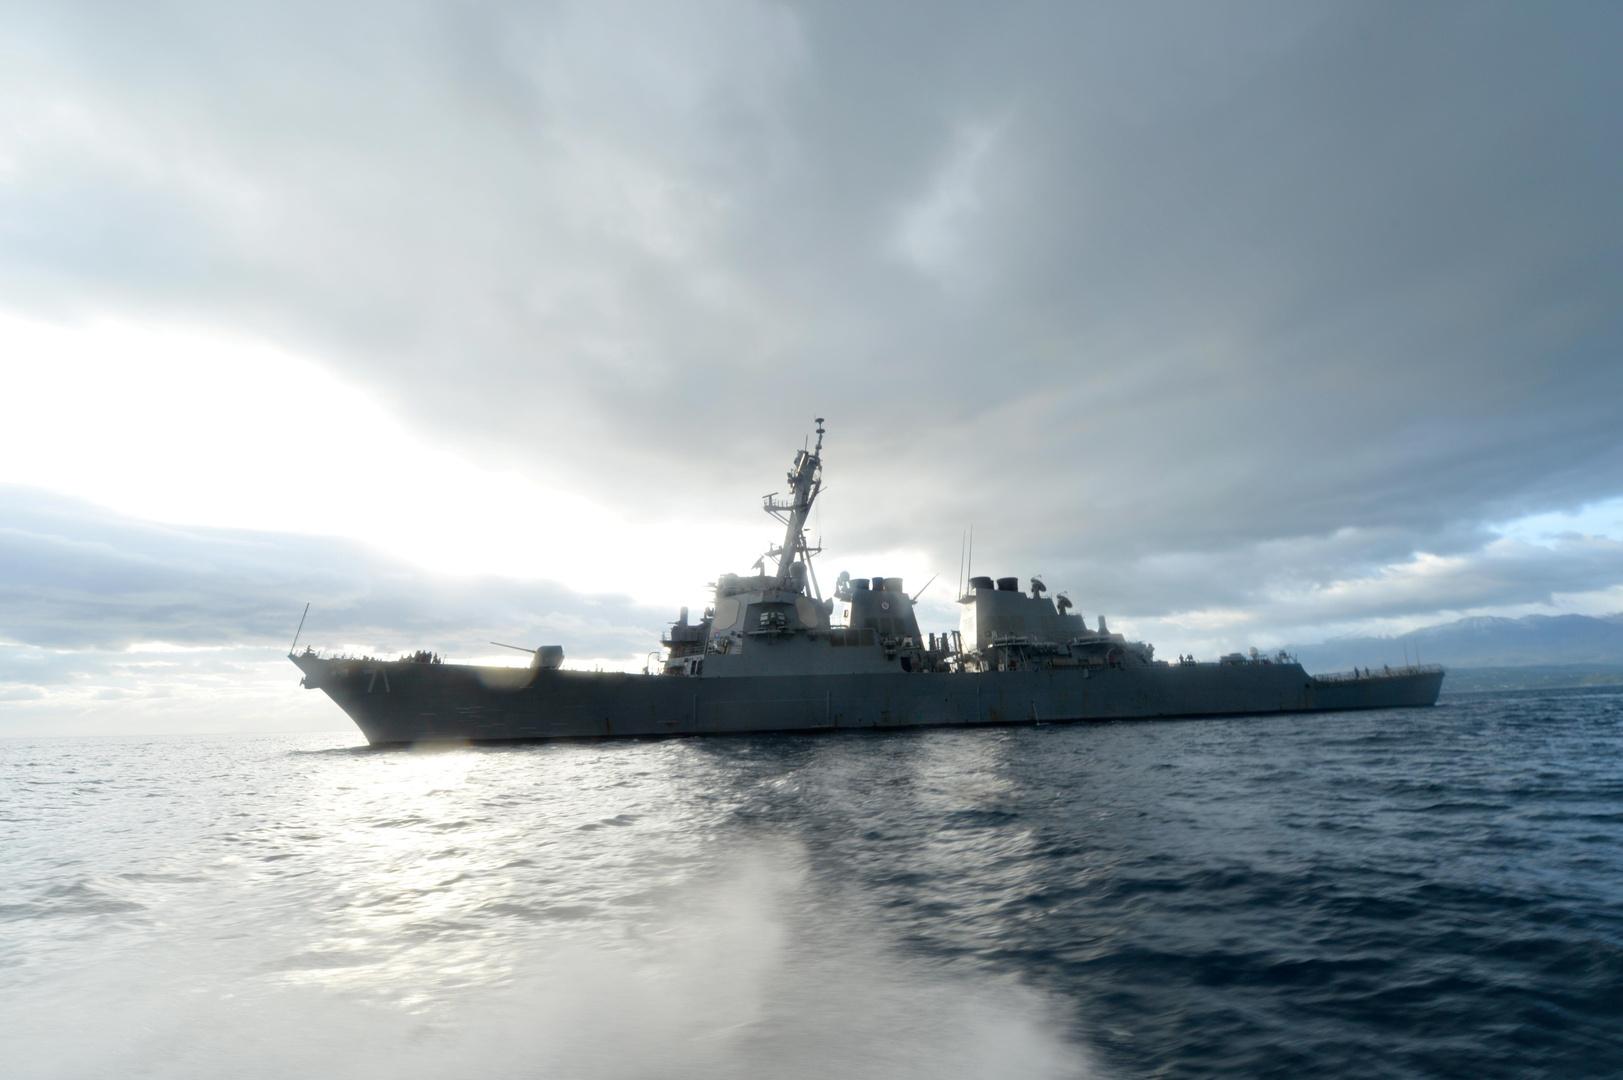 مدمرة أمريكية تعود إلى بحر بارنتس في منطقة القطب الشمالي لإجراء عمليات هناك